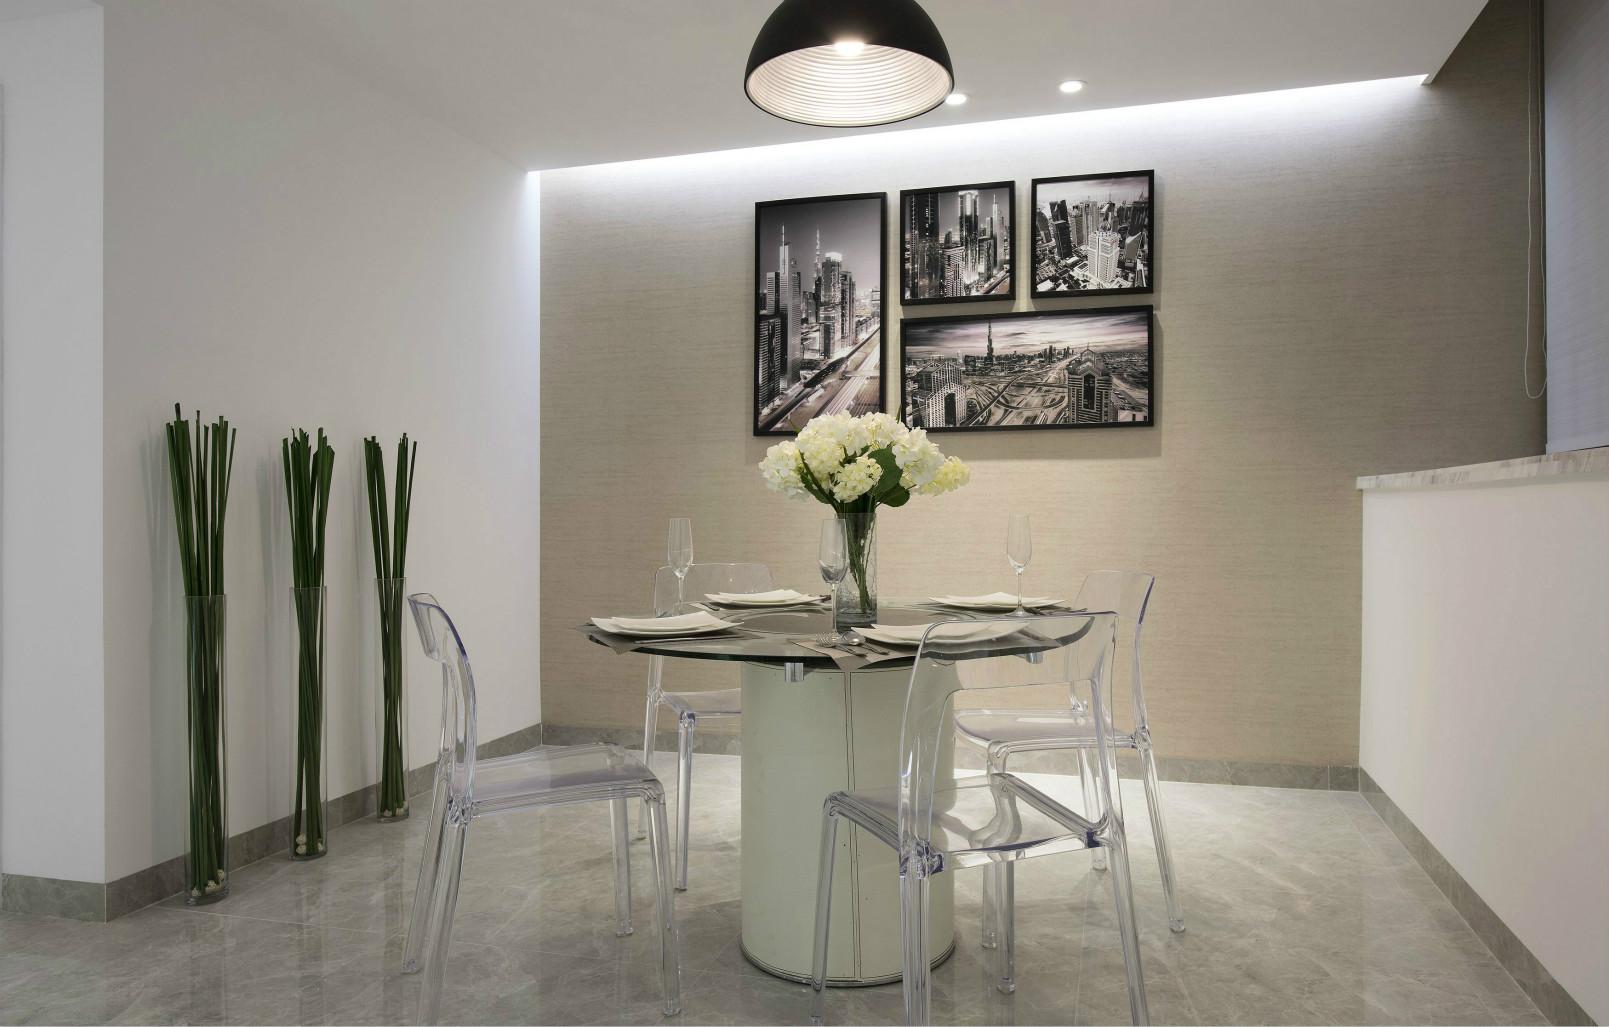 餐桌以玻璃为材质,简易的线条加上椅子透亮的质感,充满着现代的时尚感。